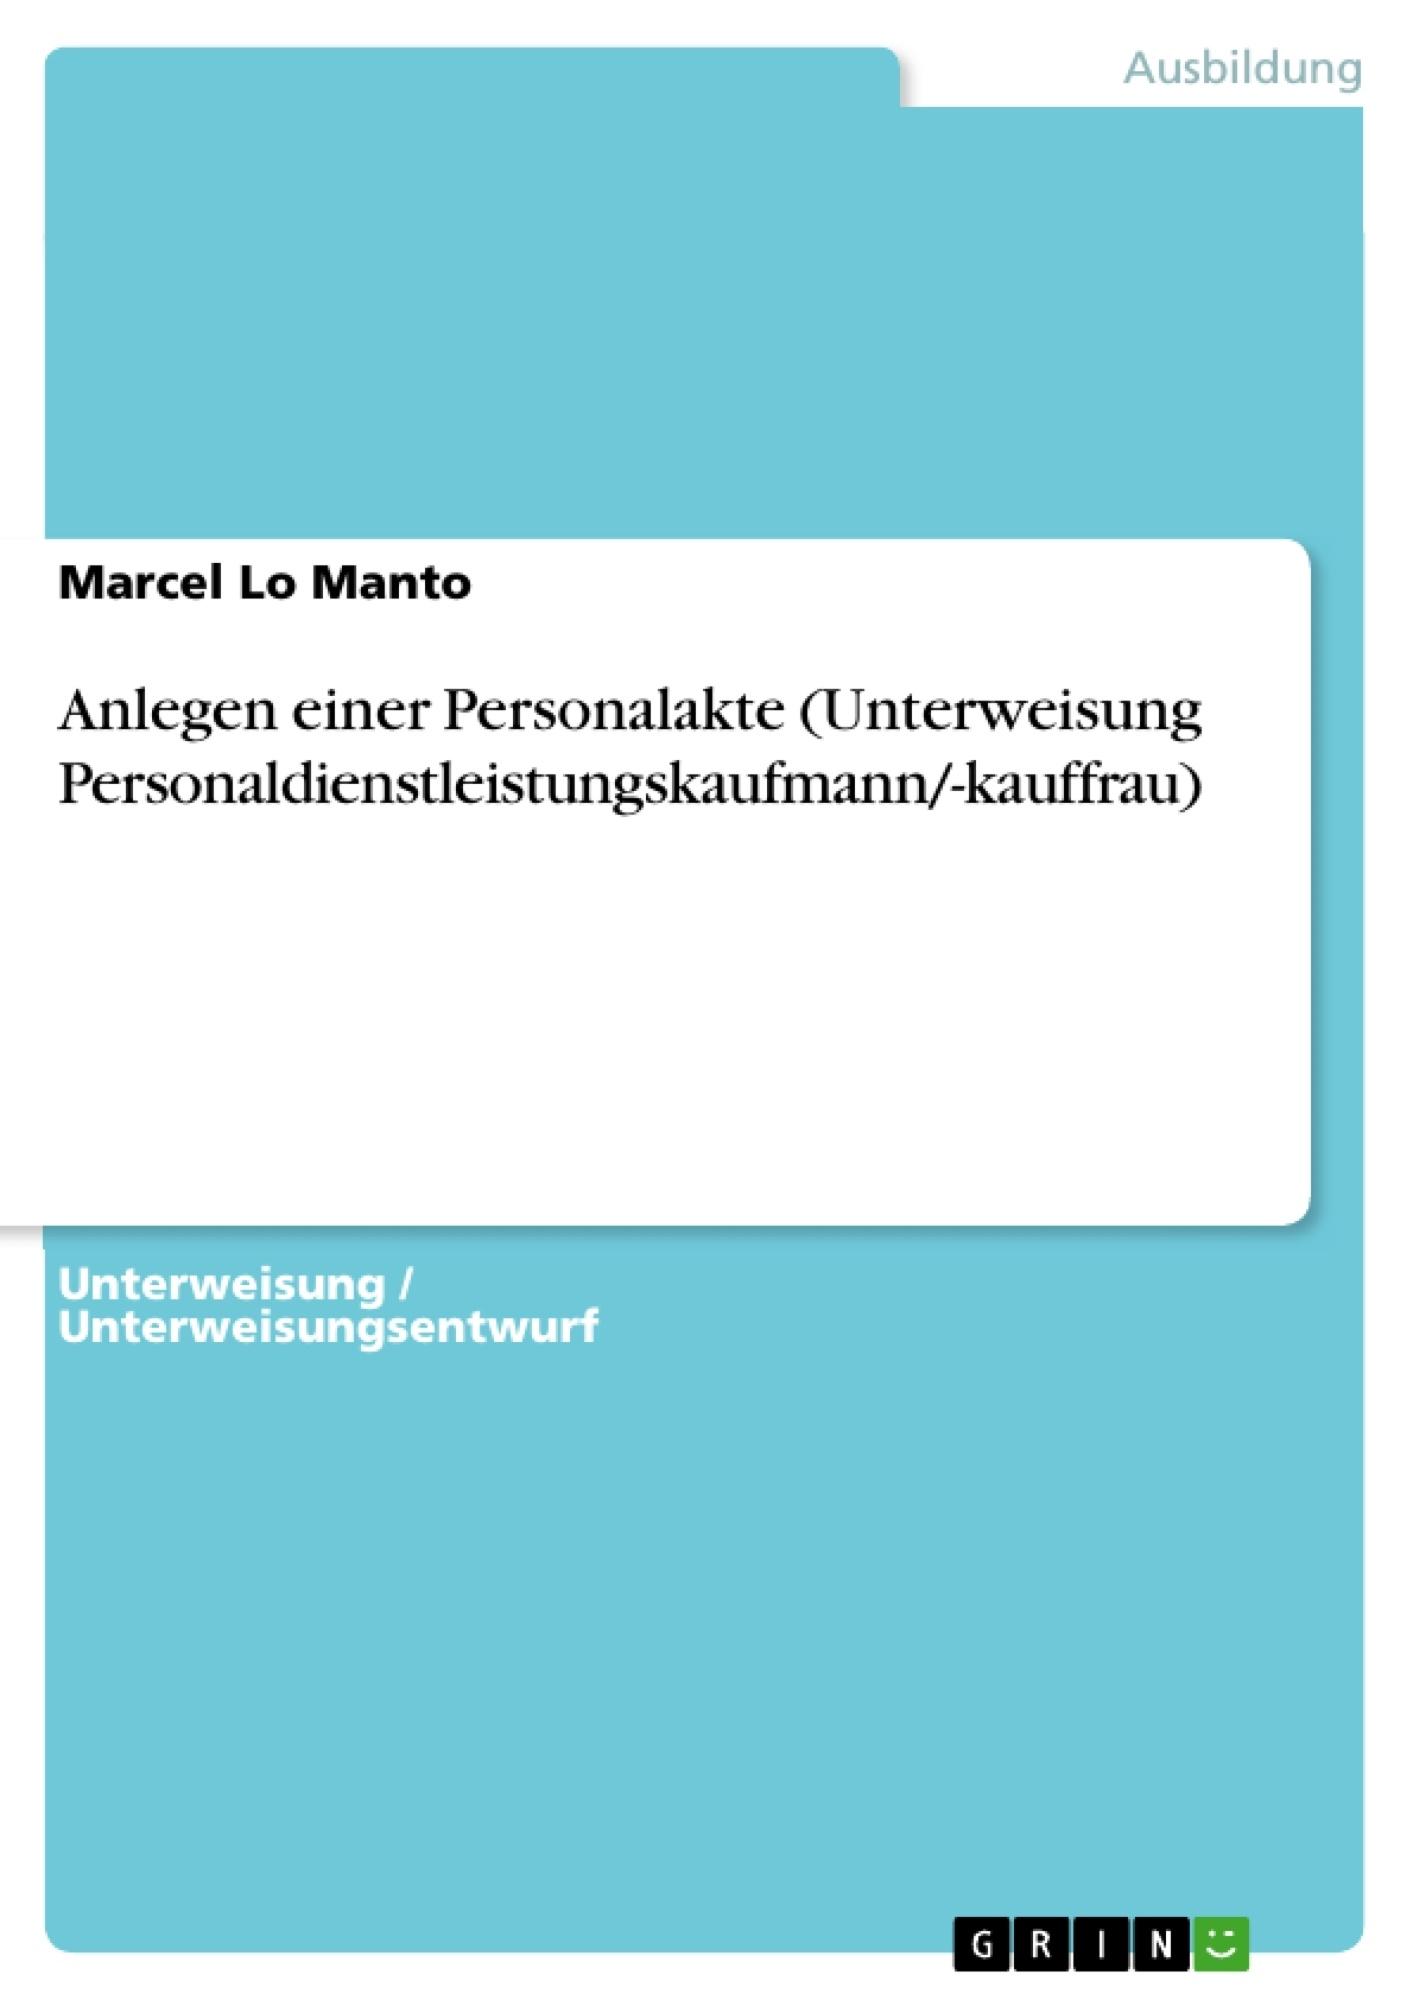 Titel: Anlegen einer Personalakte (Unterweisung Personaldienstleistungskaufmann/-kauffrau)